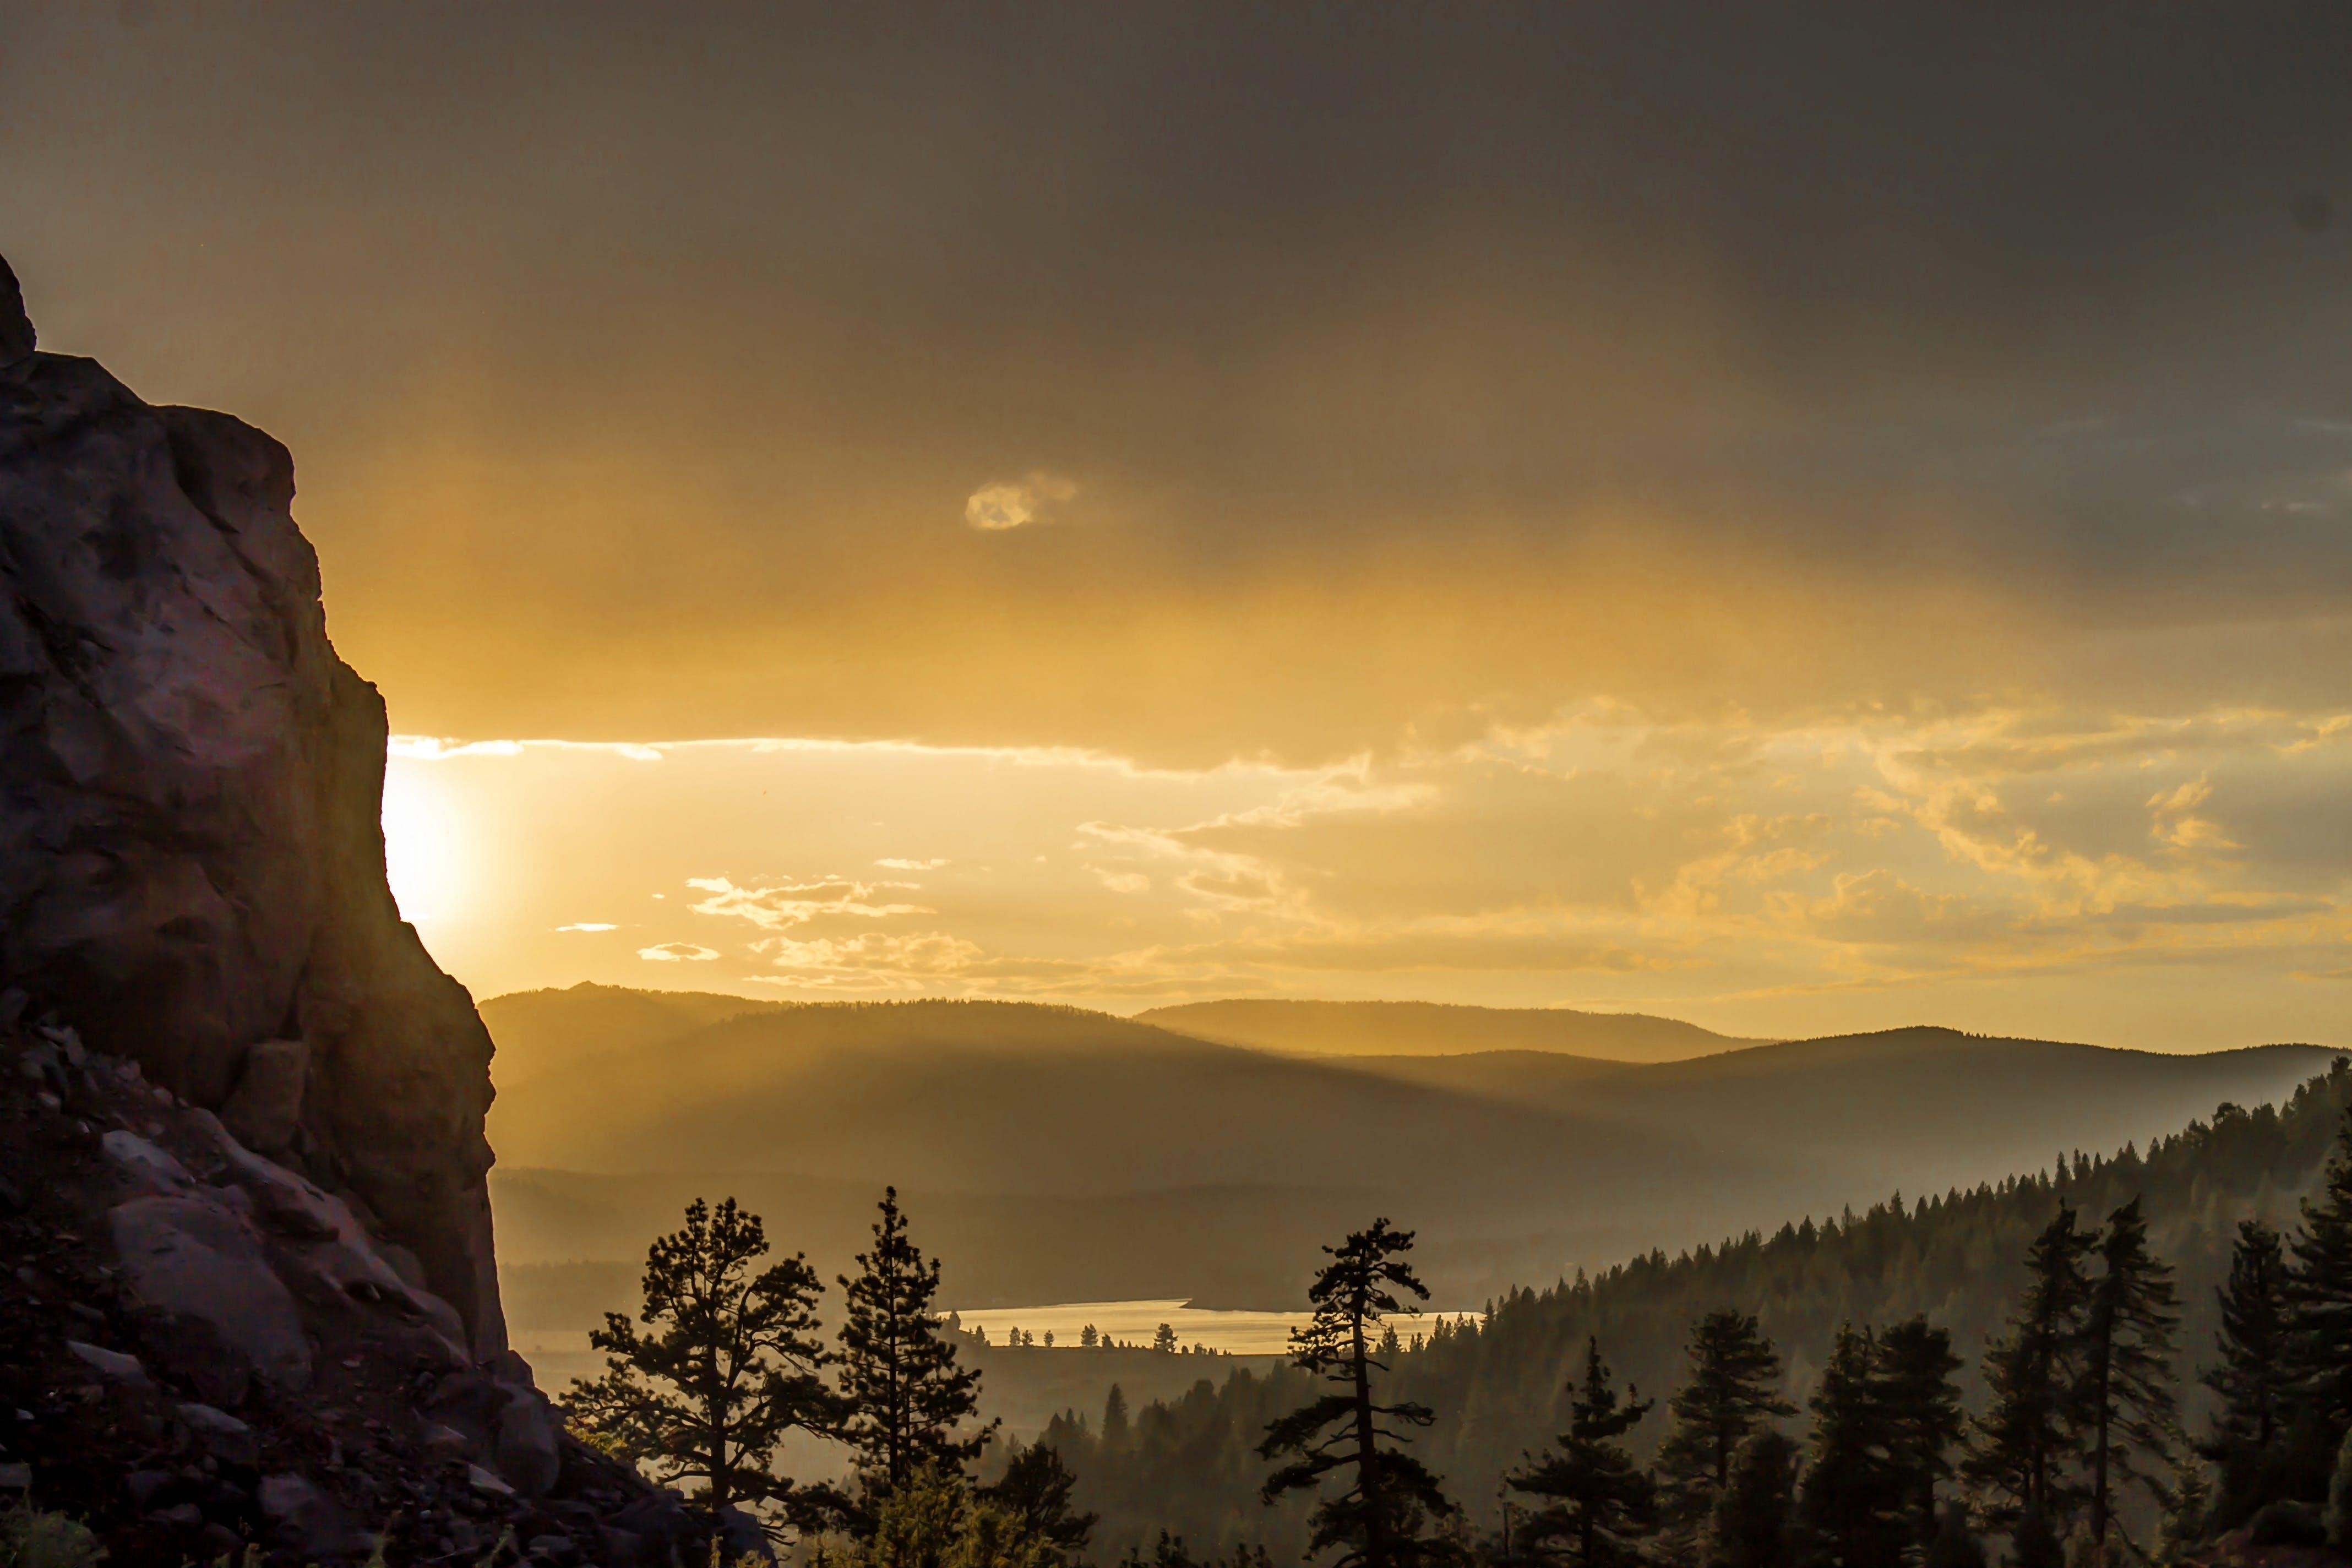 Gratis stockfoto met #mobilechallenge, achtergrondlicht, berg, dageraad